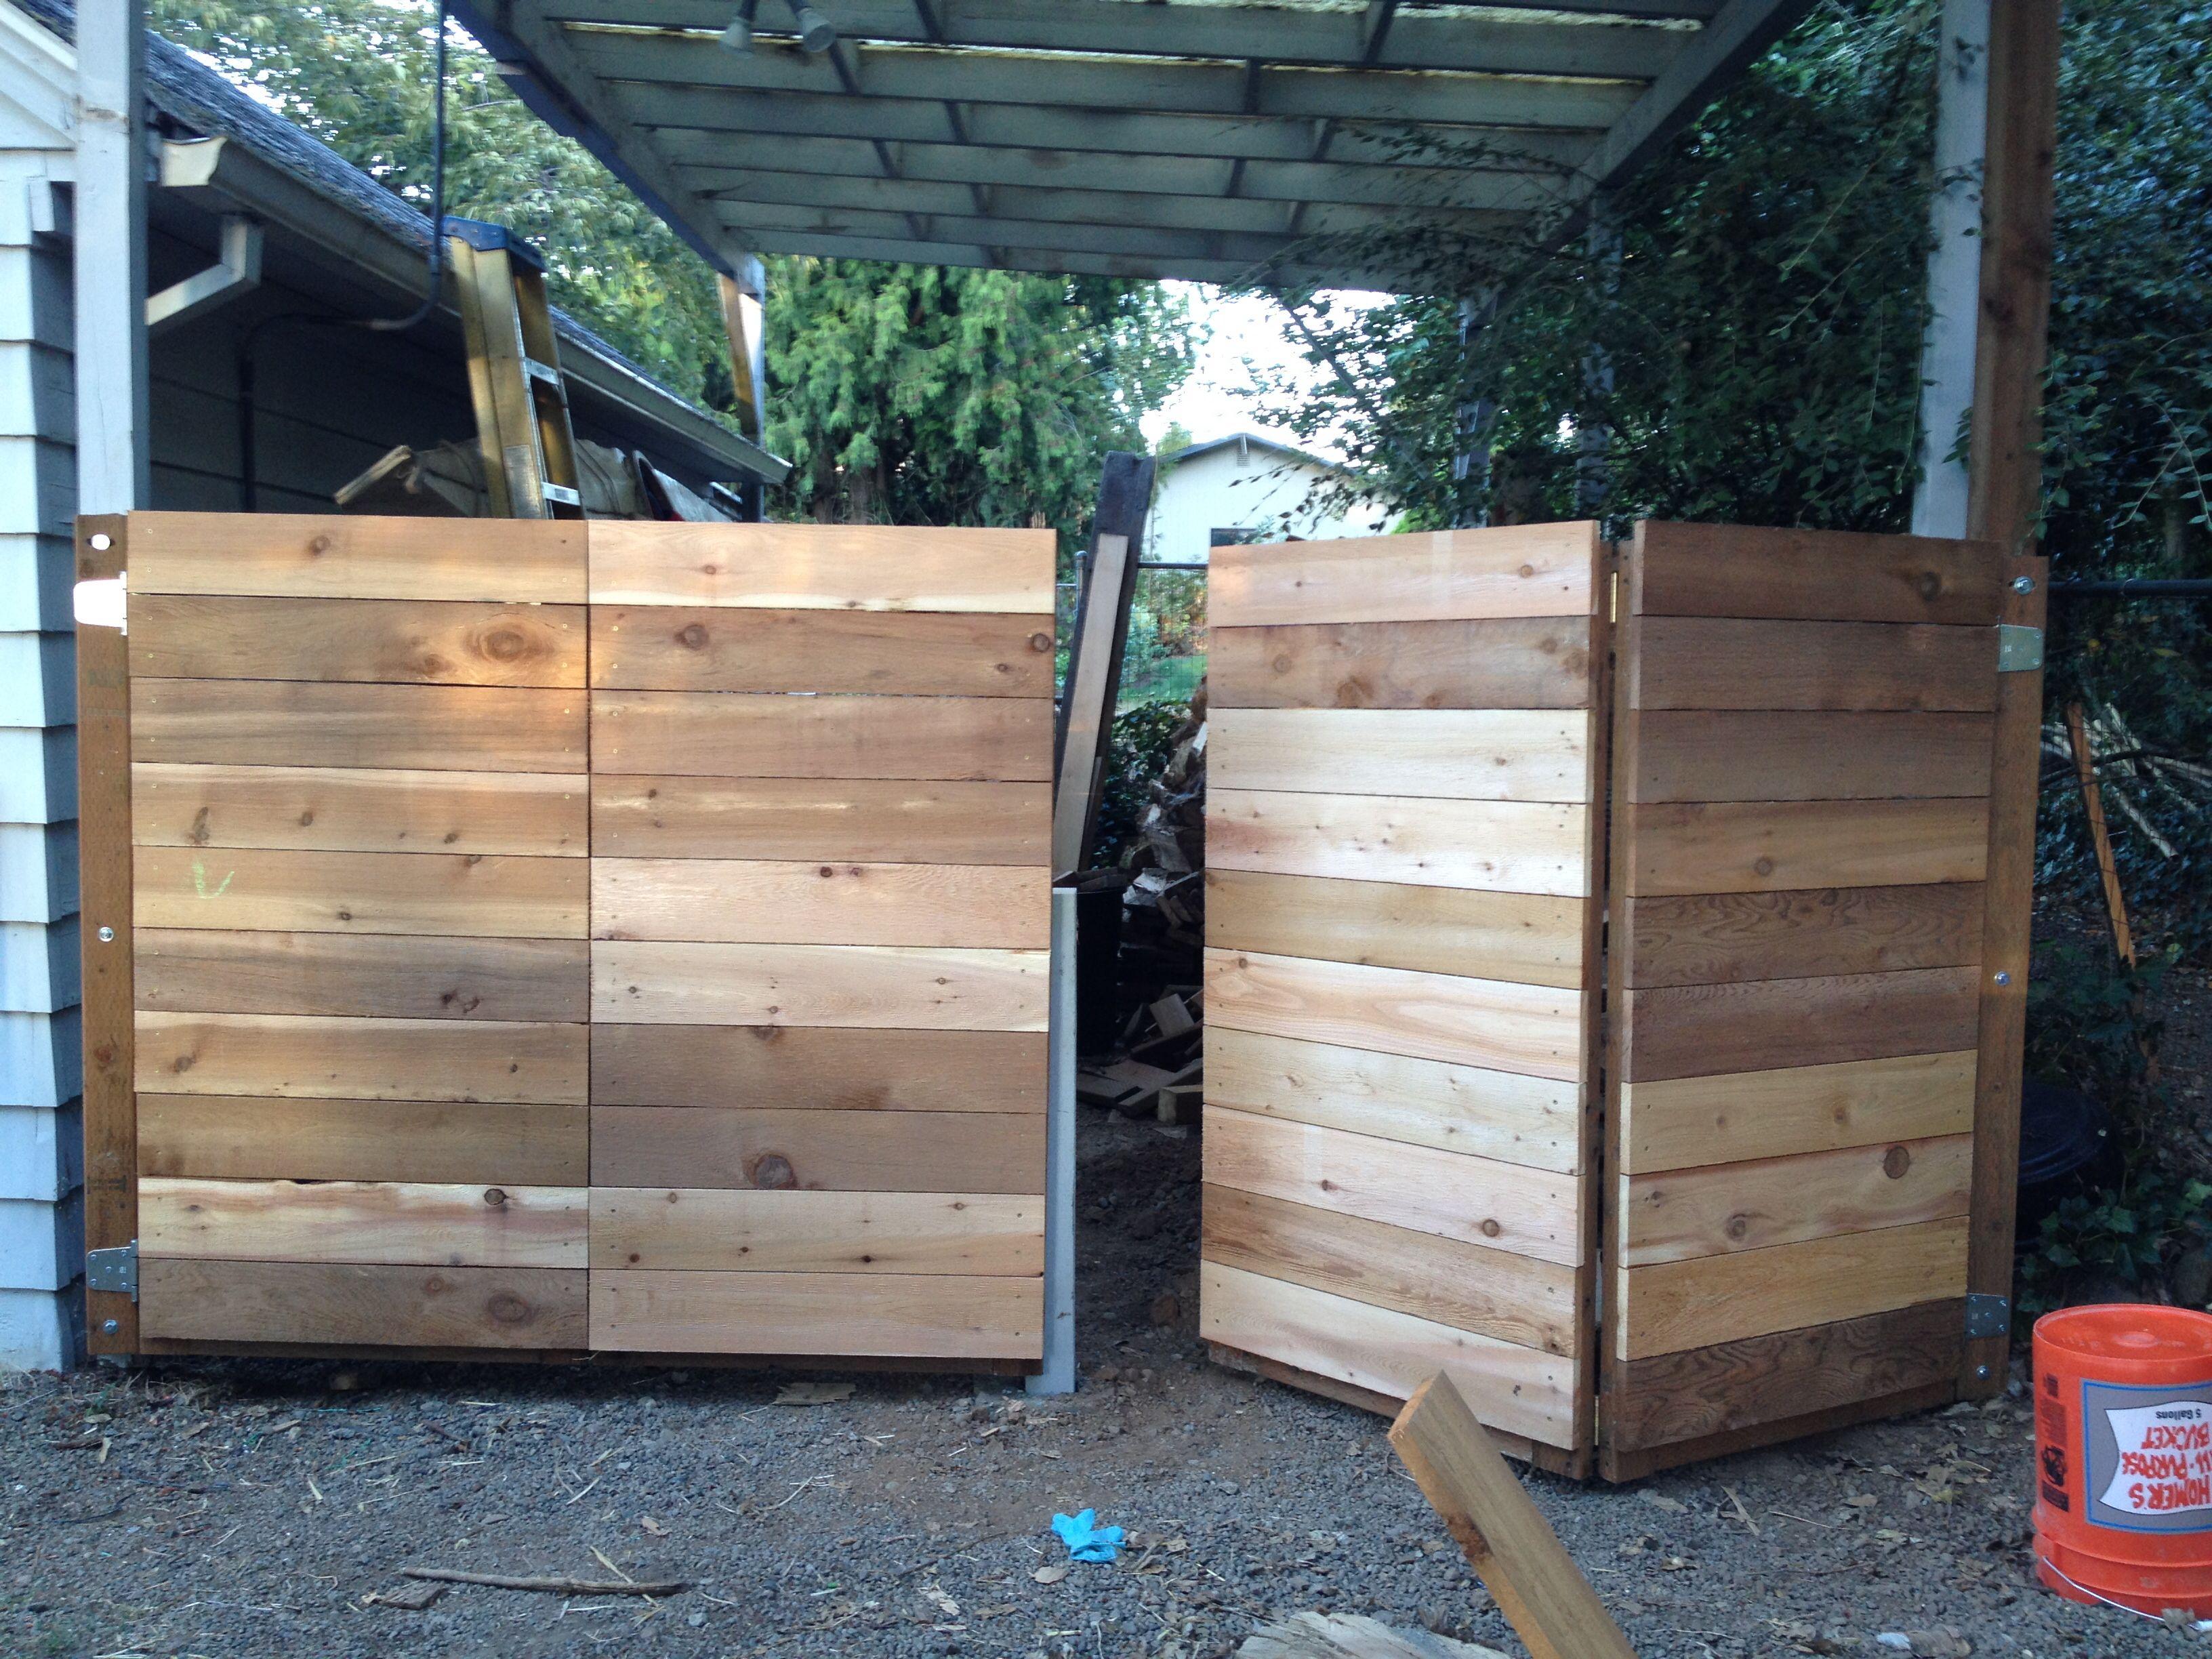 Bi Fold Gate Dyi Wooden Gates Driveway Driveway Gate Driveway Gate Diy